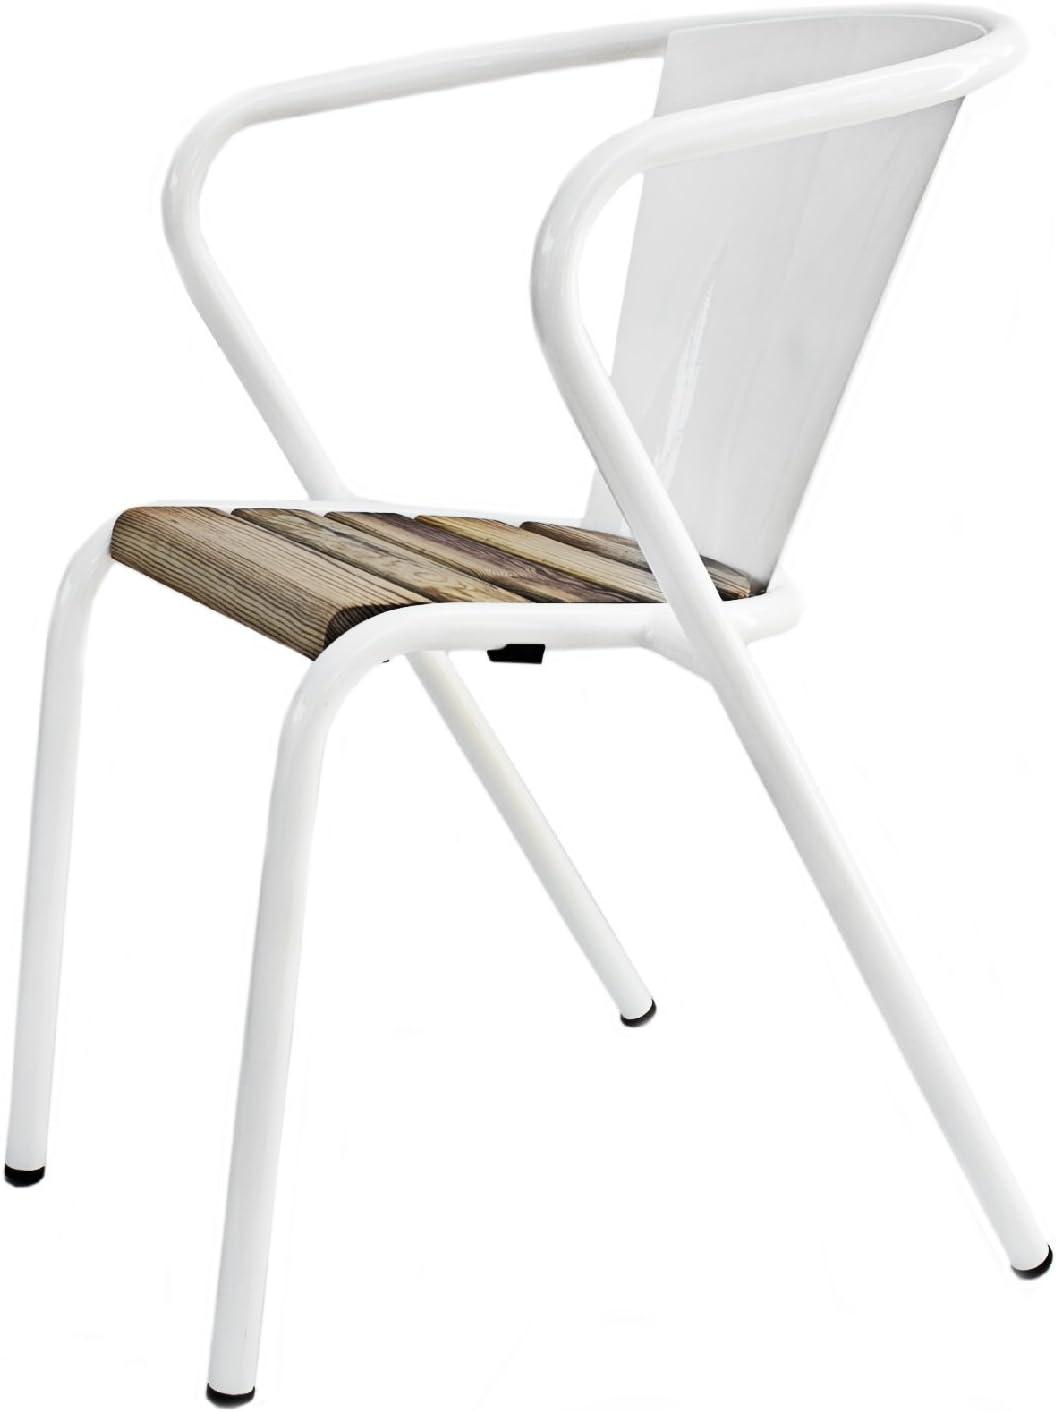 Silla de jardín de metal blanco con listones de madera, diseño clásico de Lisboa, robusta, resistente a la intemperie, apilable